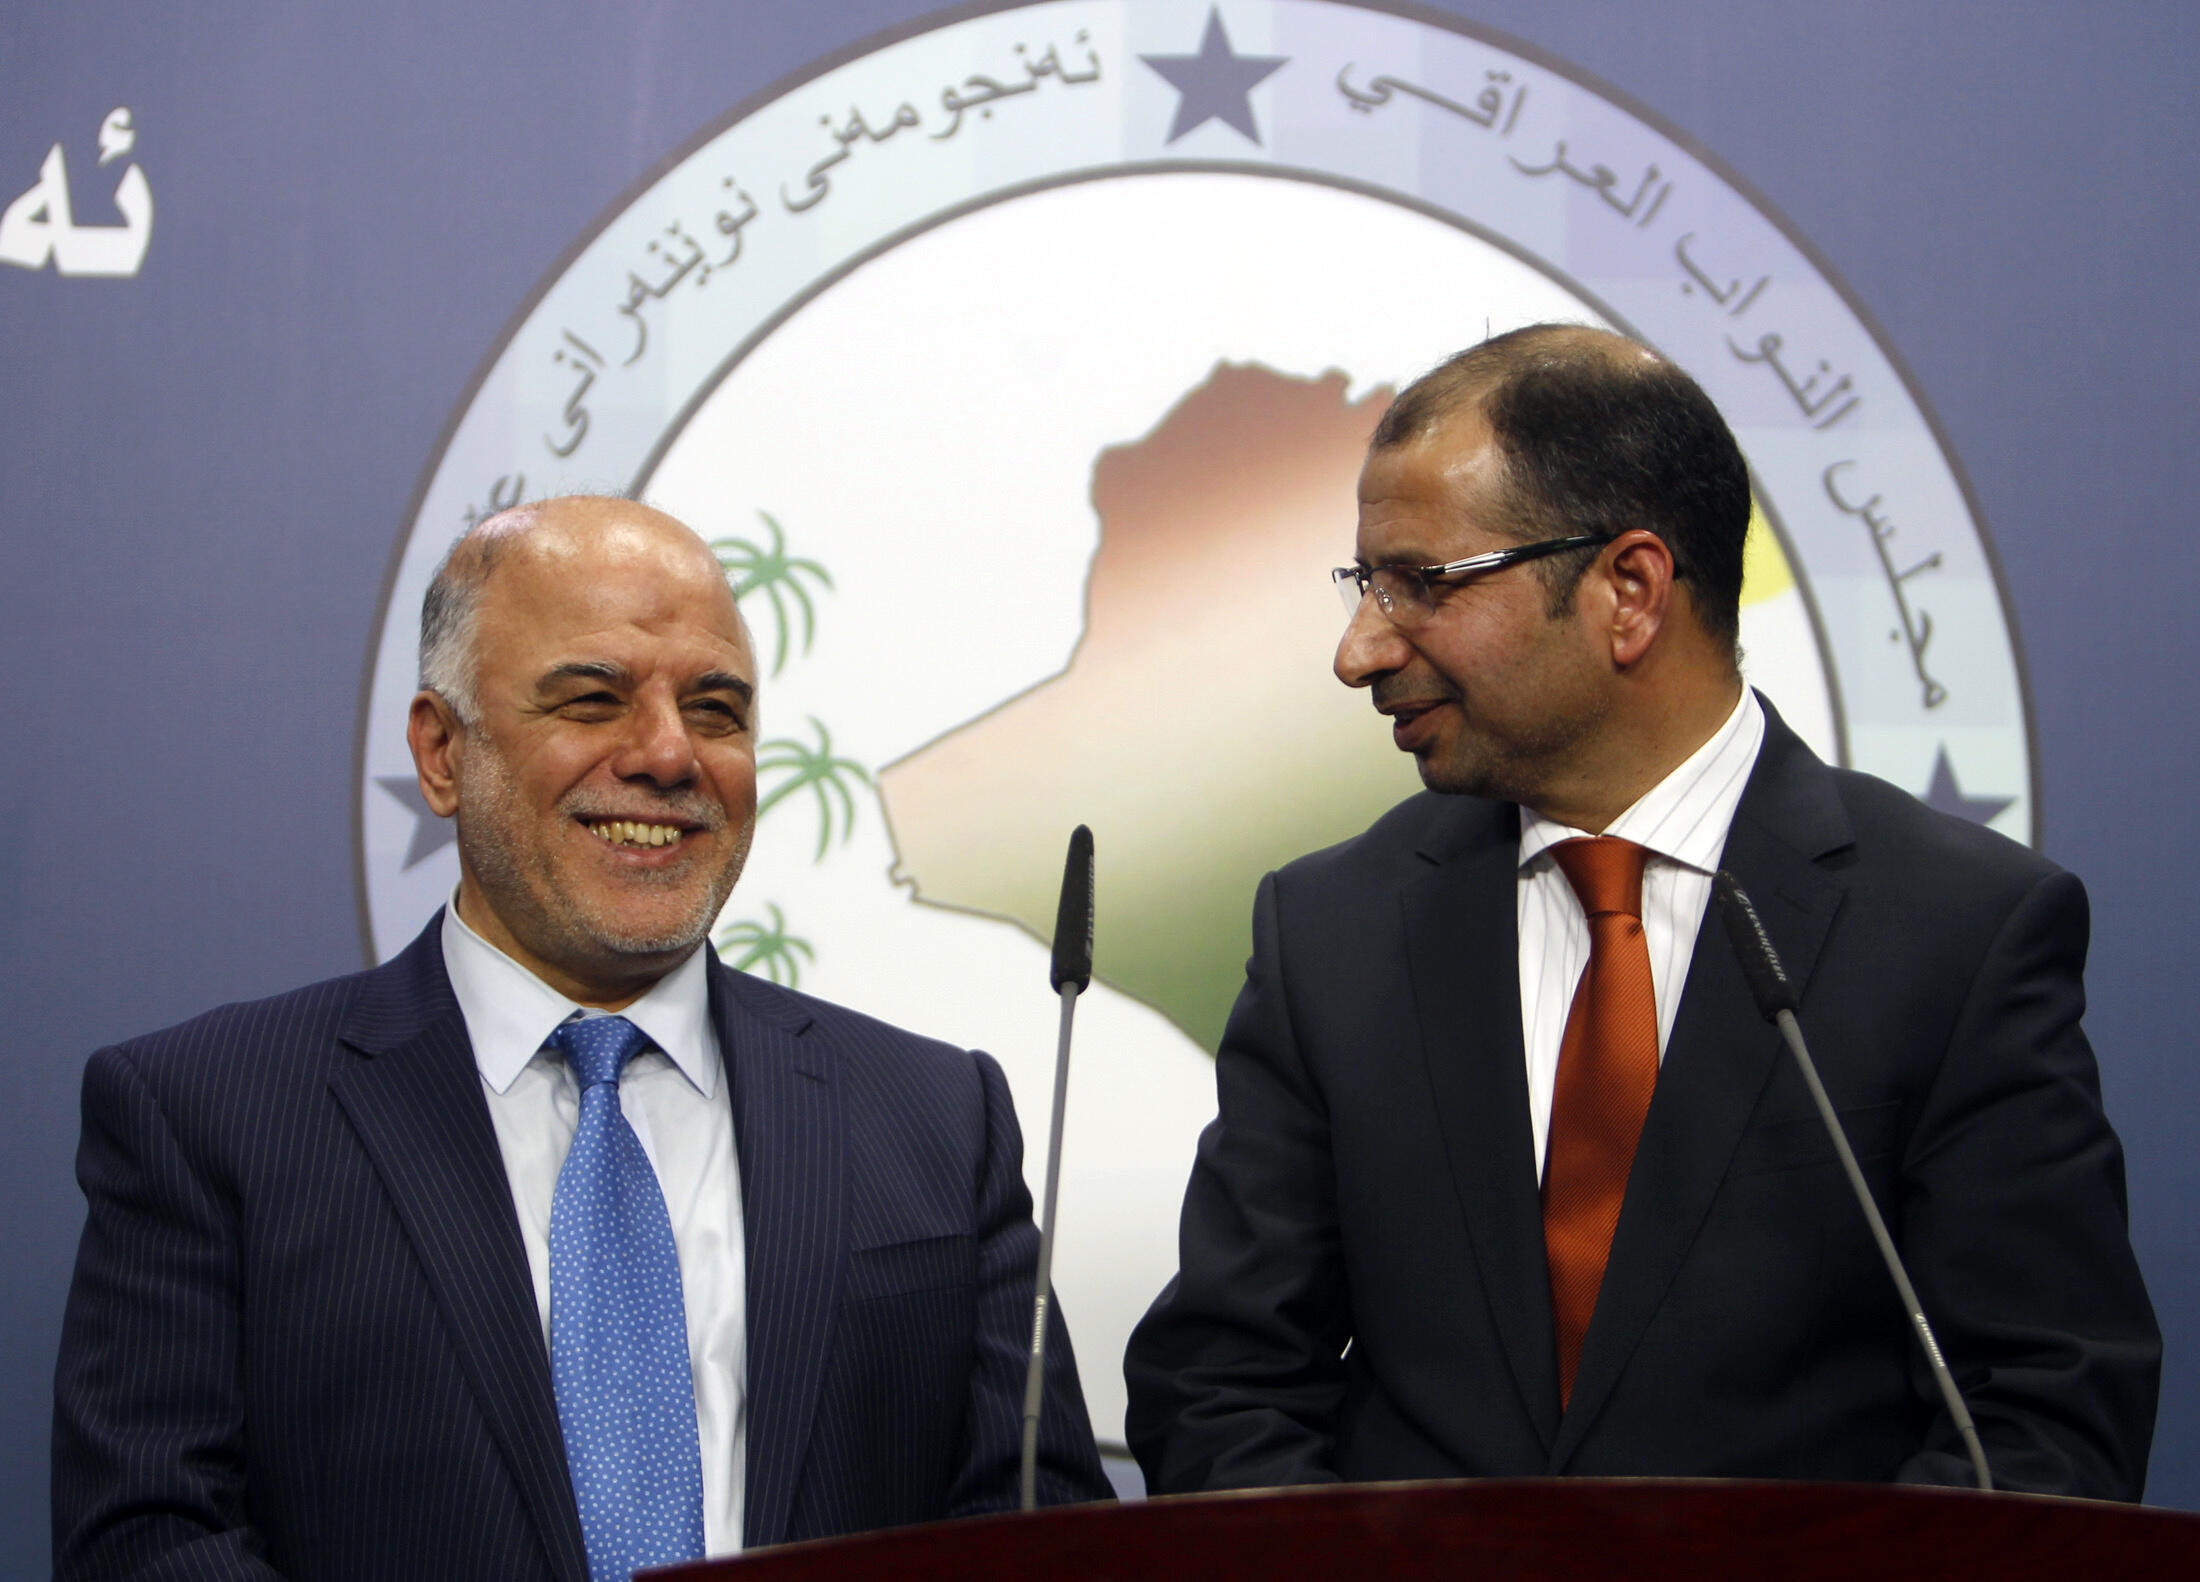 Tân thủ tướng Irak Haidar Abadi (bên trái) trong một cuộc họp báo tại Bagdad hôm 15/7/2014 (khi đó ông là thành viên chính phủ Nuri al - Maliki).